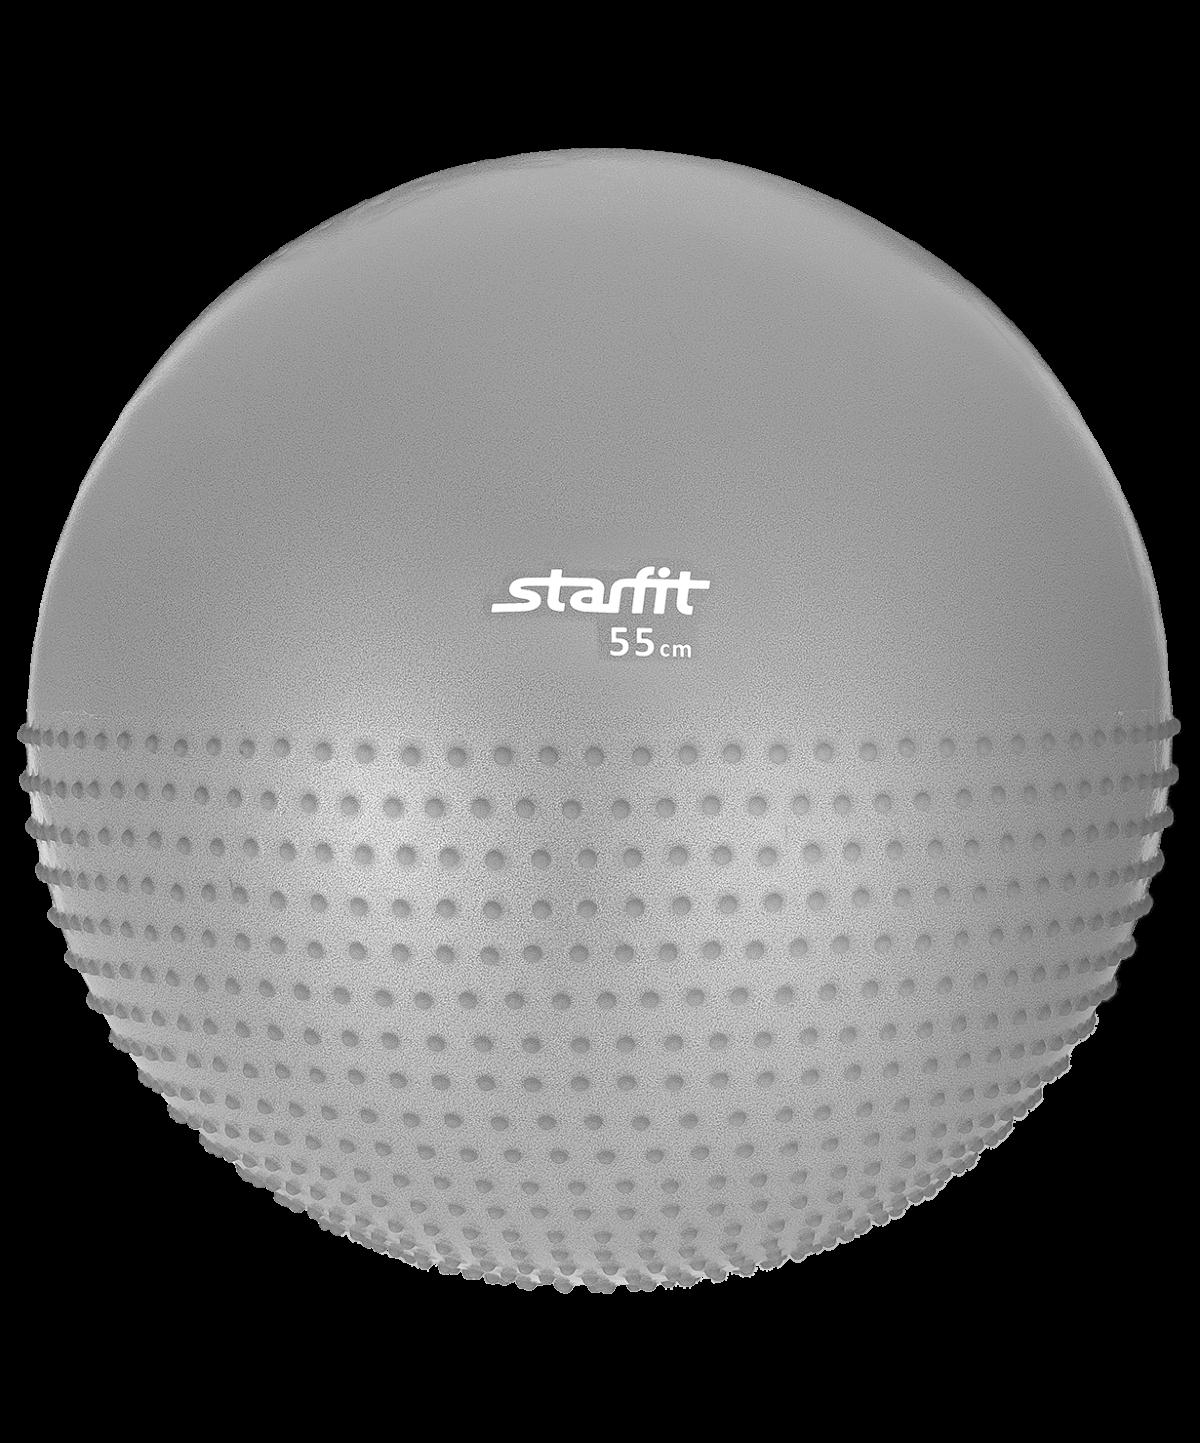 STARFIT Мяч гимнастический полумассажный антивзрыв 55 см GB-201 - 1